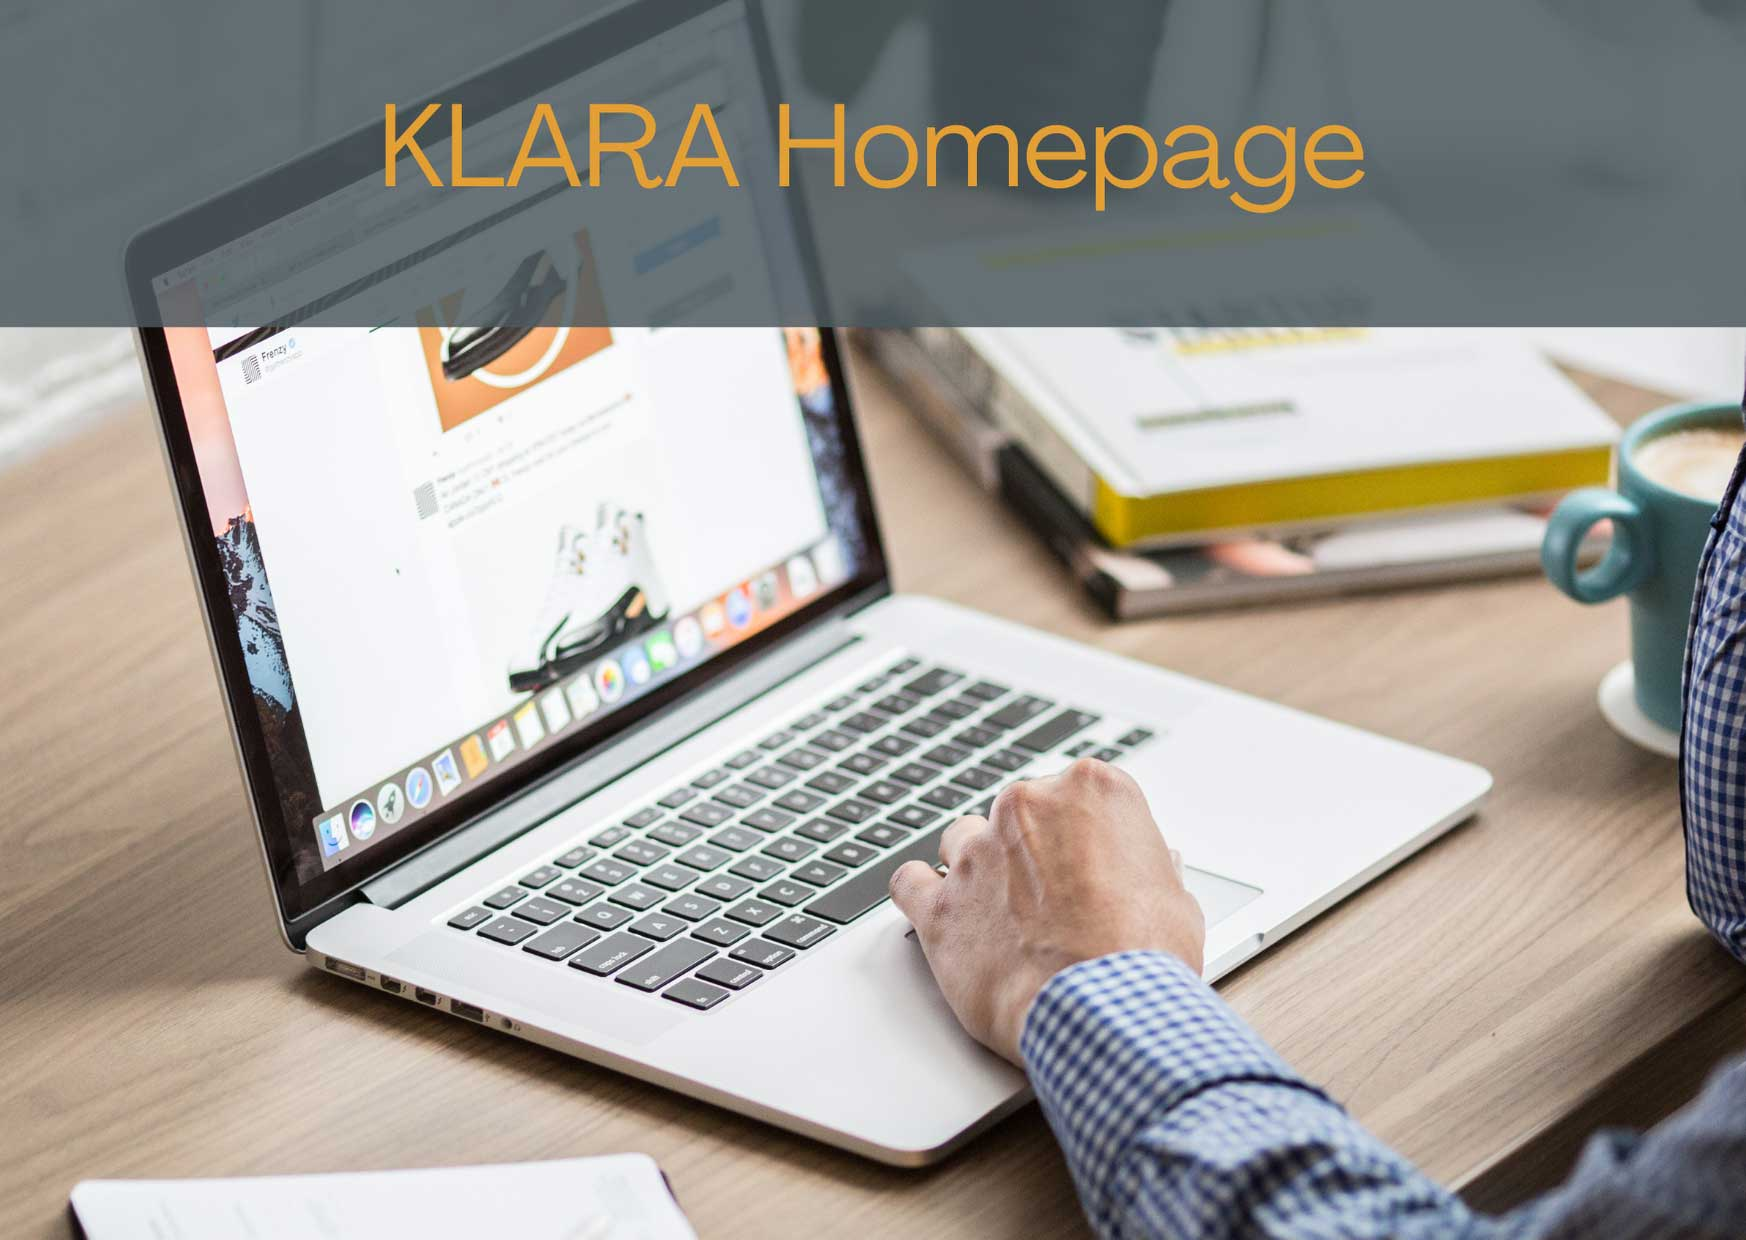 Ihre neue Homepage mit maßgeschneidertem Design